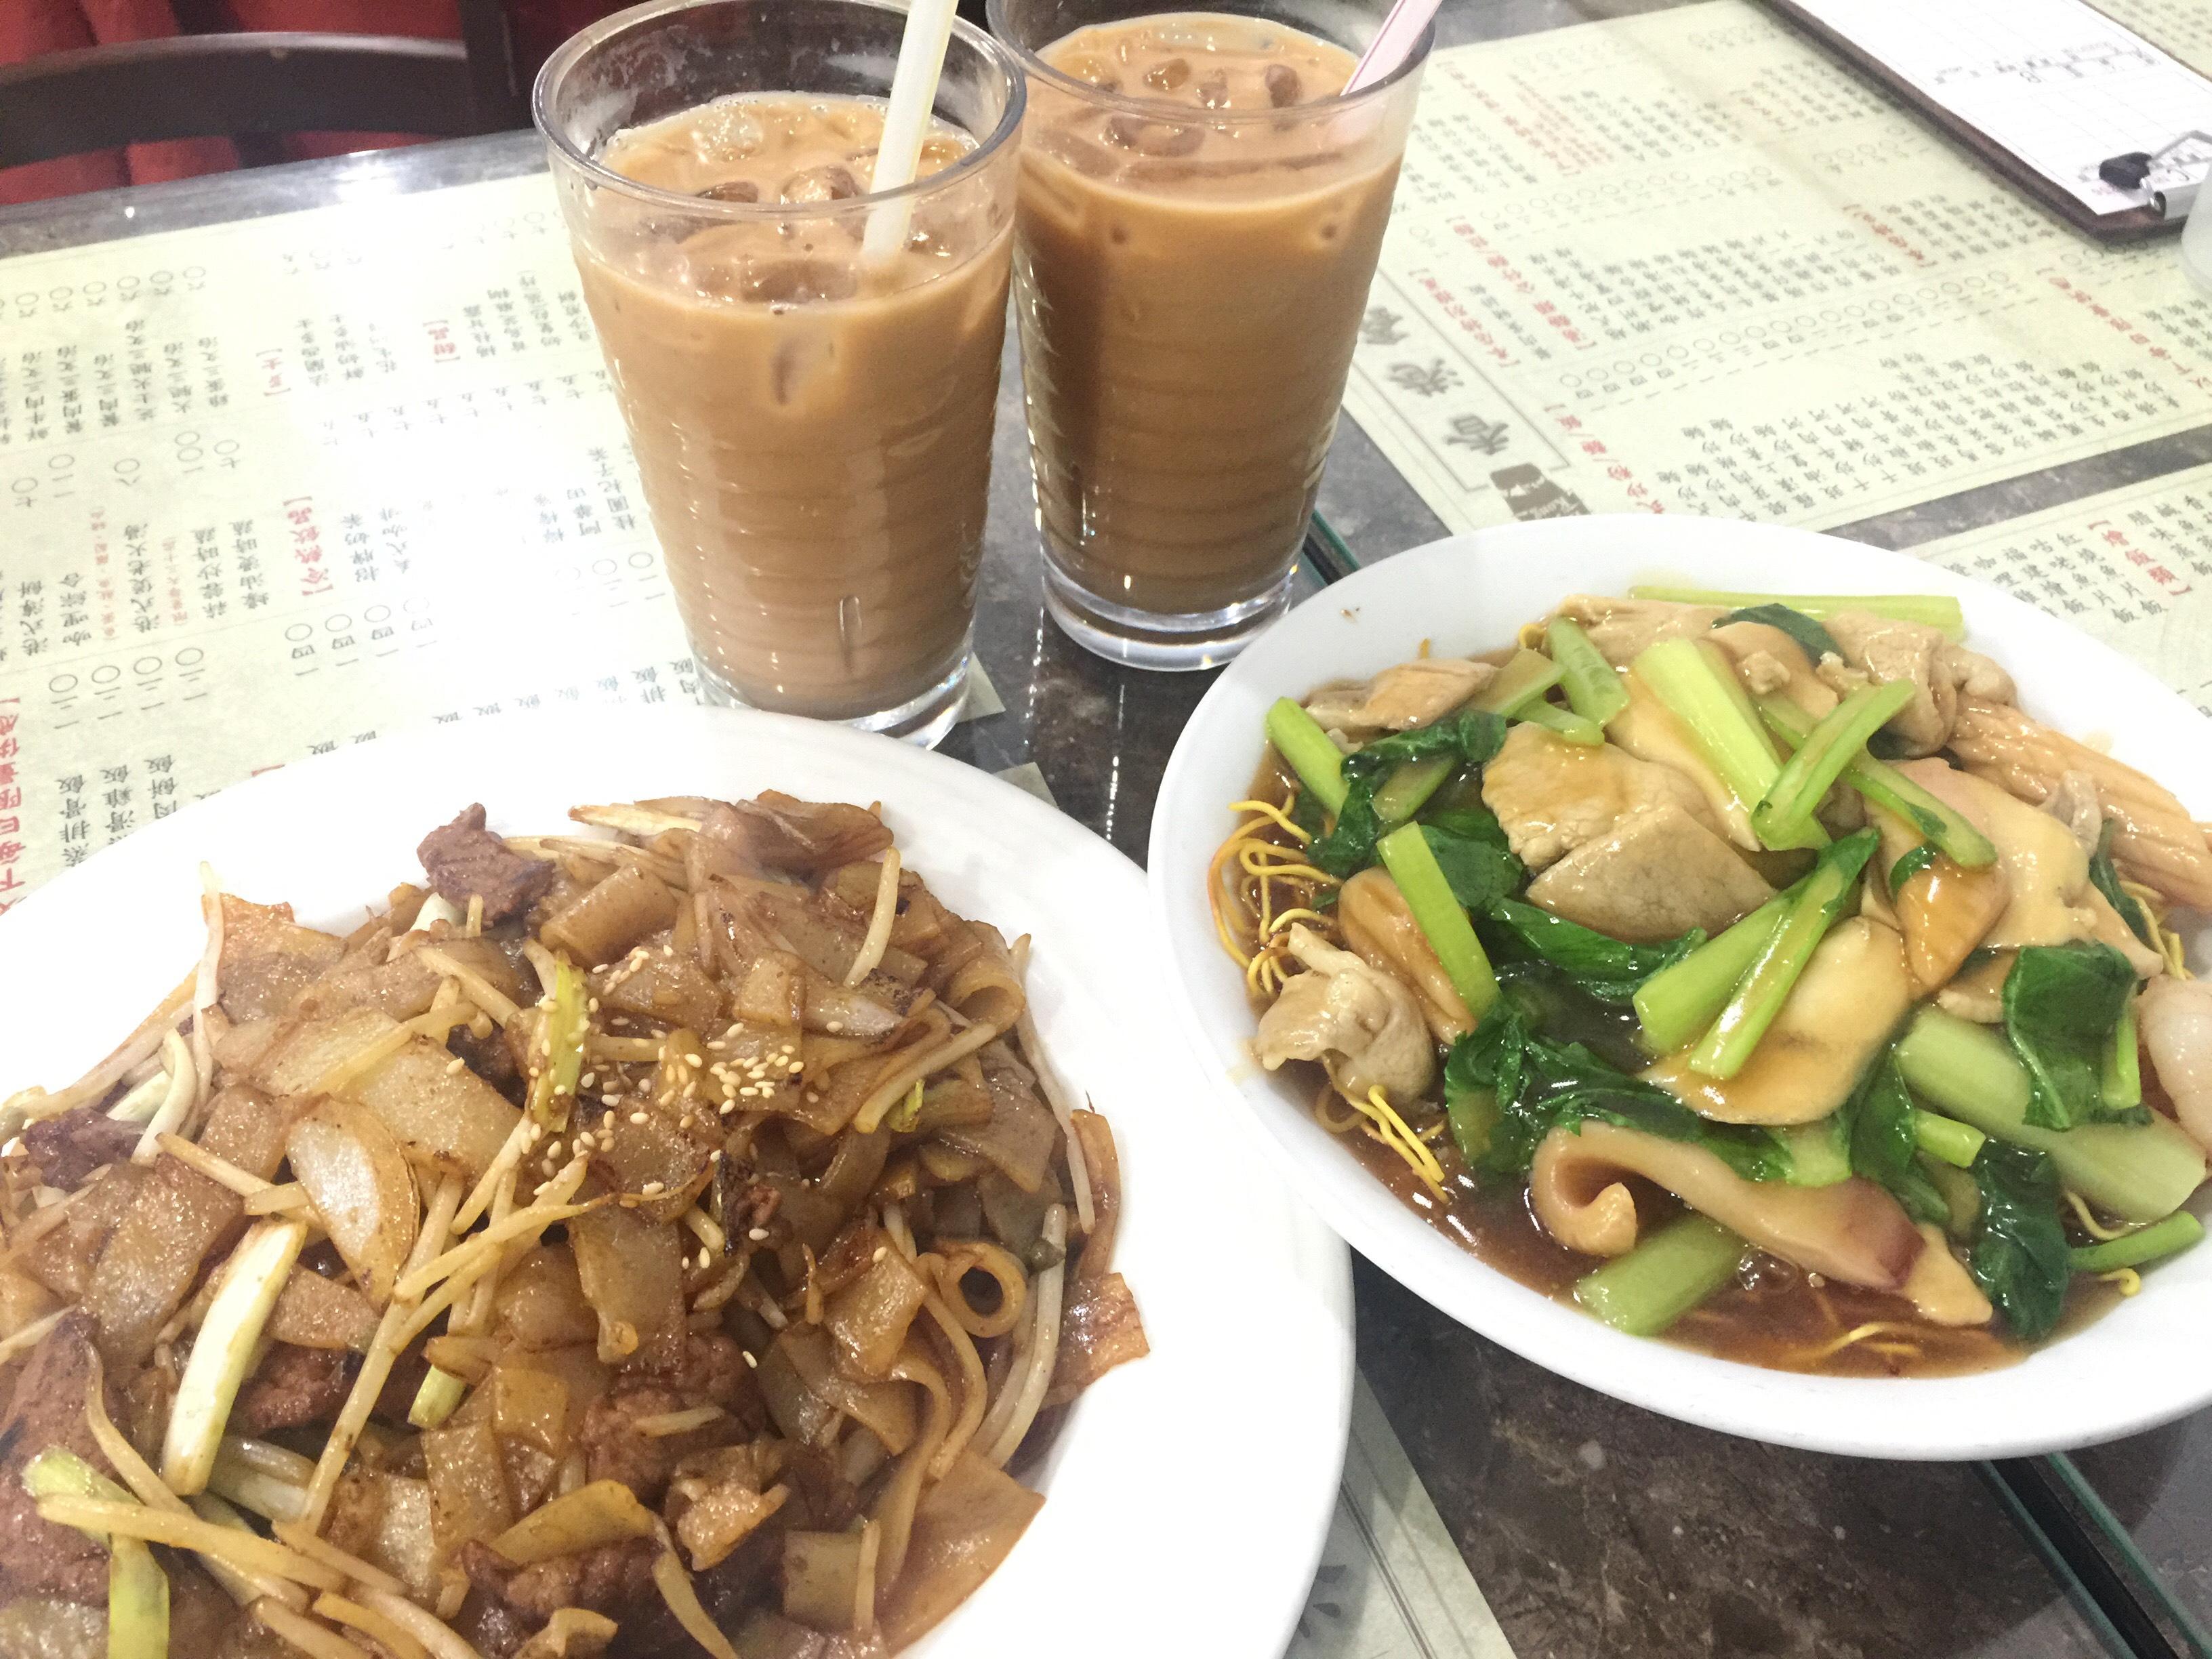 (上)港式鴛鴦奶茶(左下)乾炒牛肉河粉(右下)廣州炒麵。攝影/蘇蓉